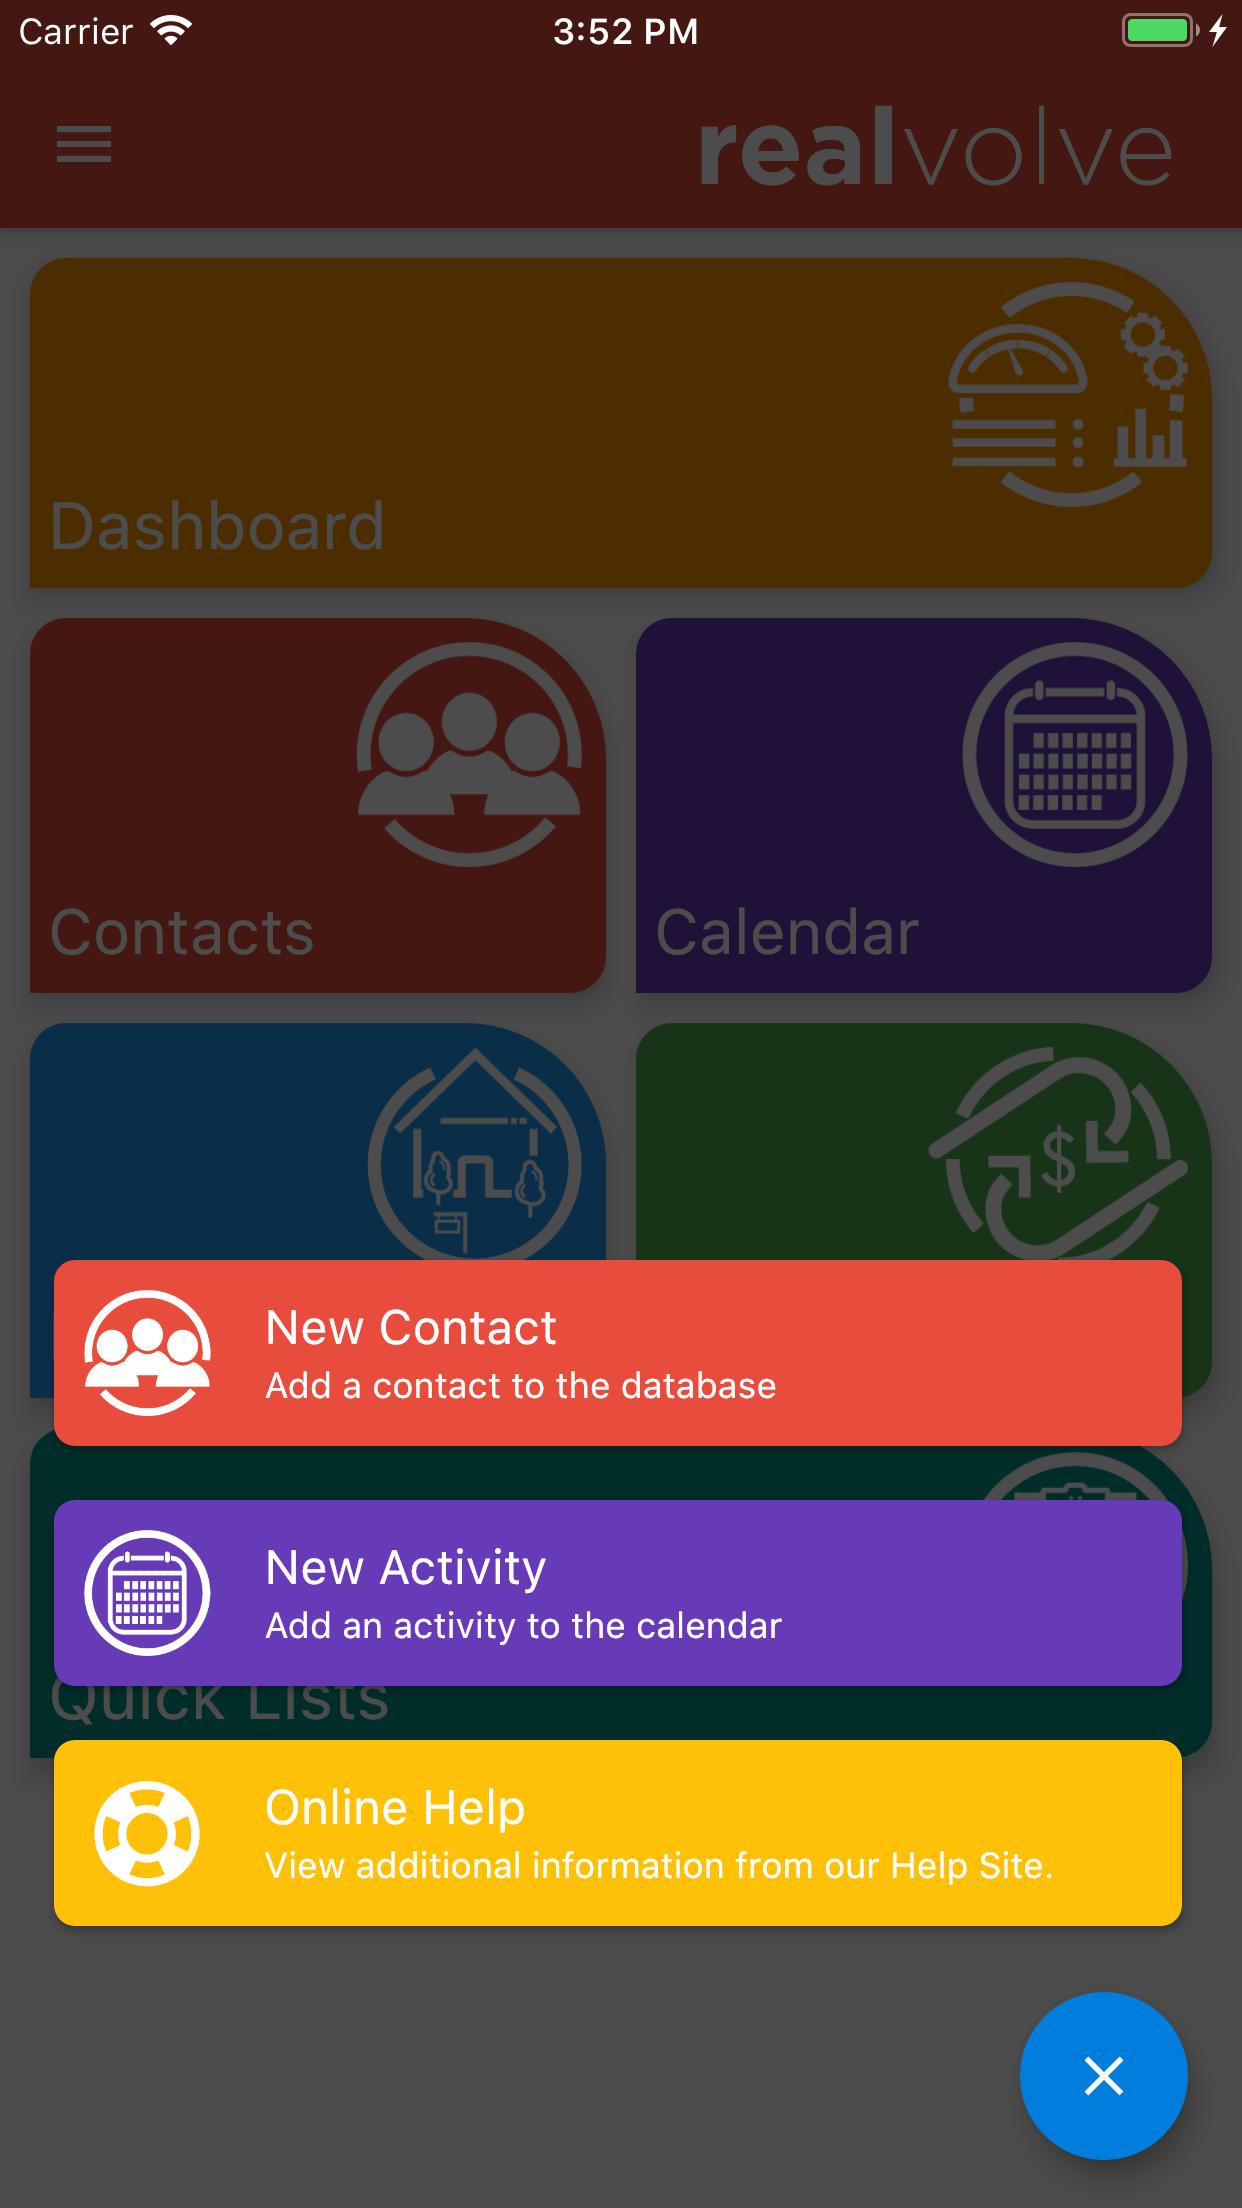 Simulator_Screen_Shot_-_iPhone_7_Plus_-_2020-03-10_at_15.52.42.png